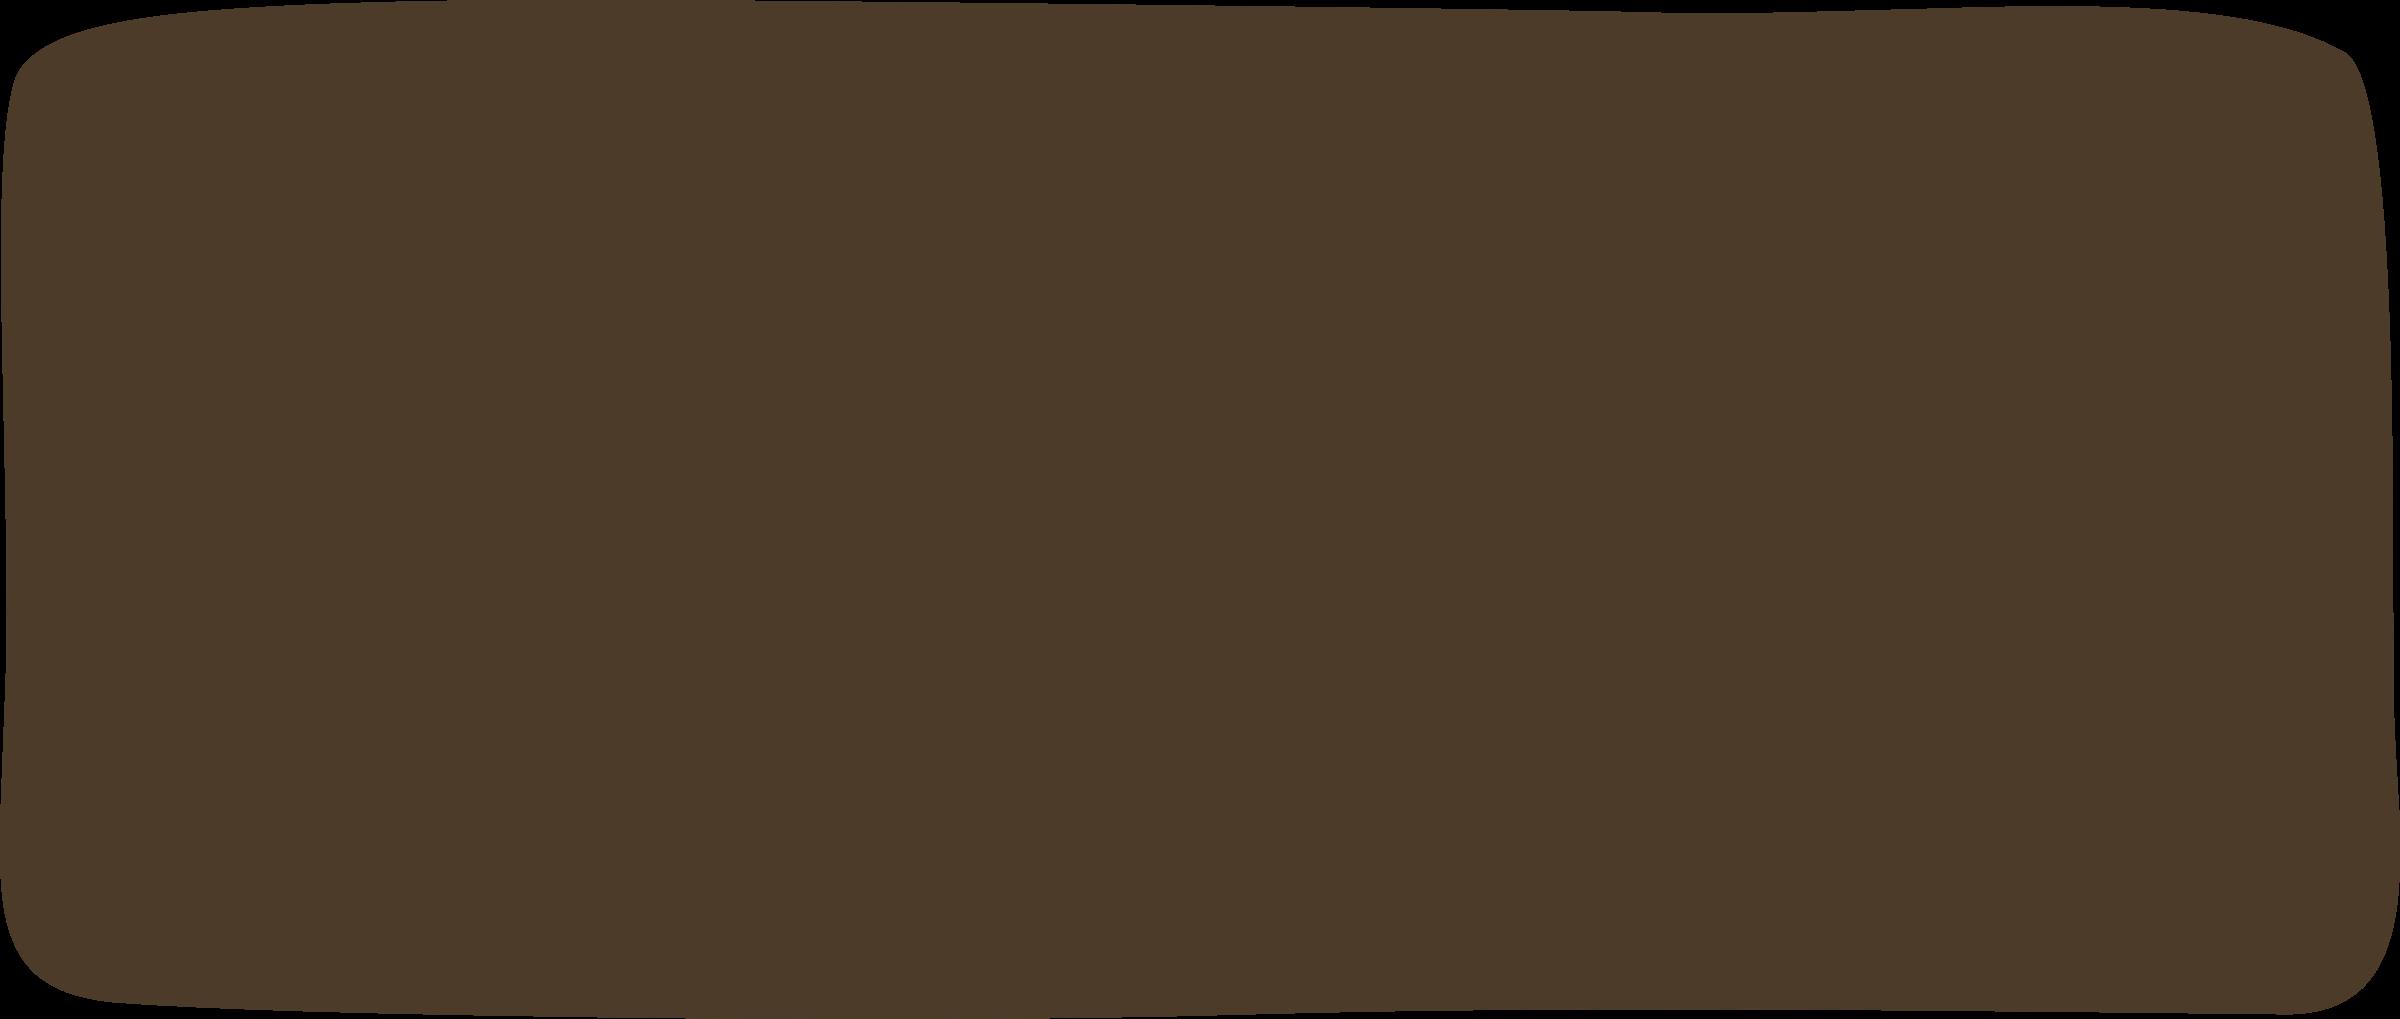 Ground clipart brown ground. Dirt background clip art